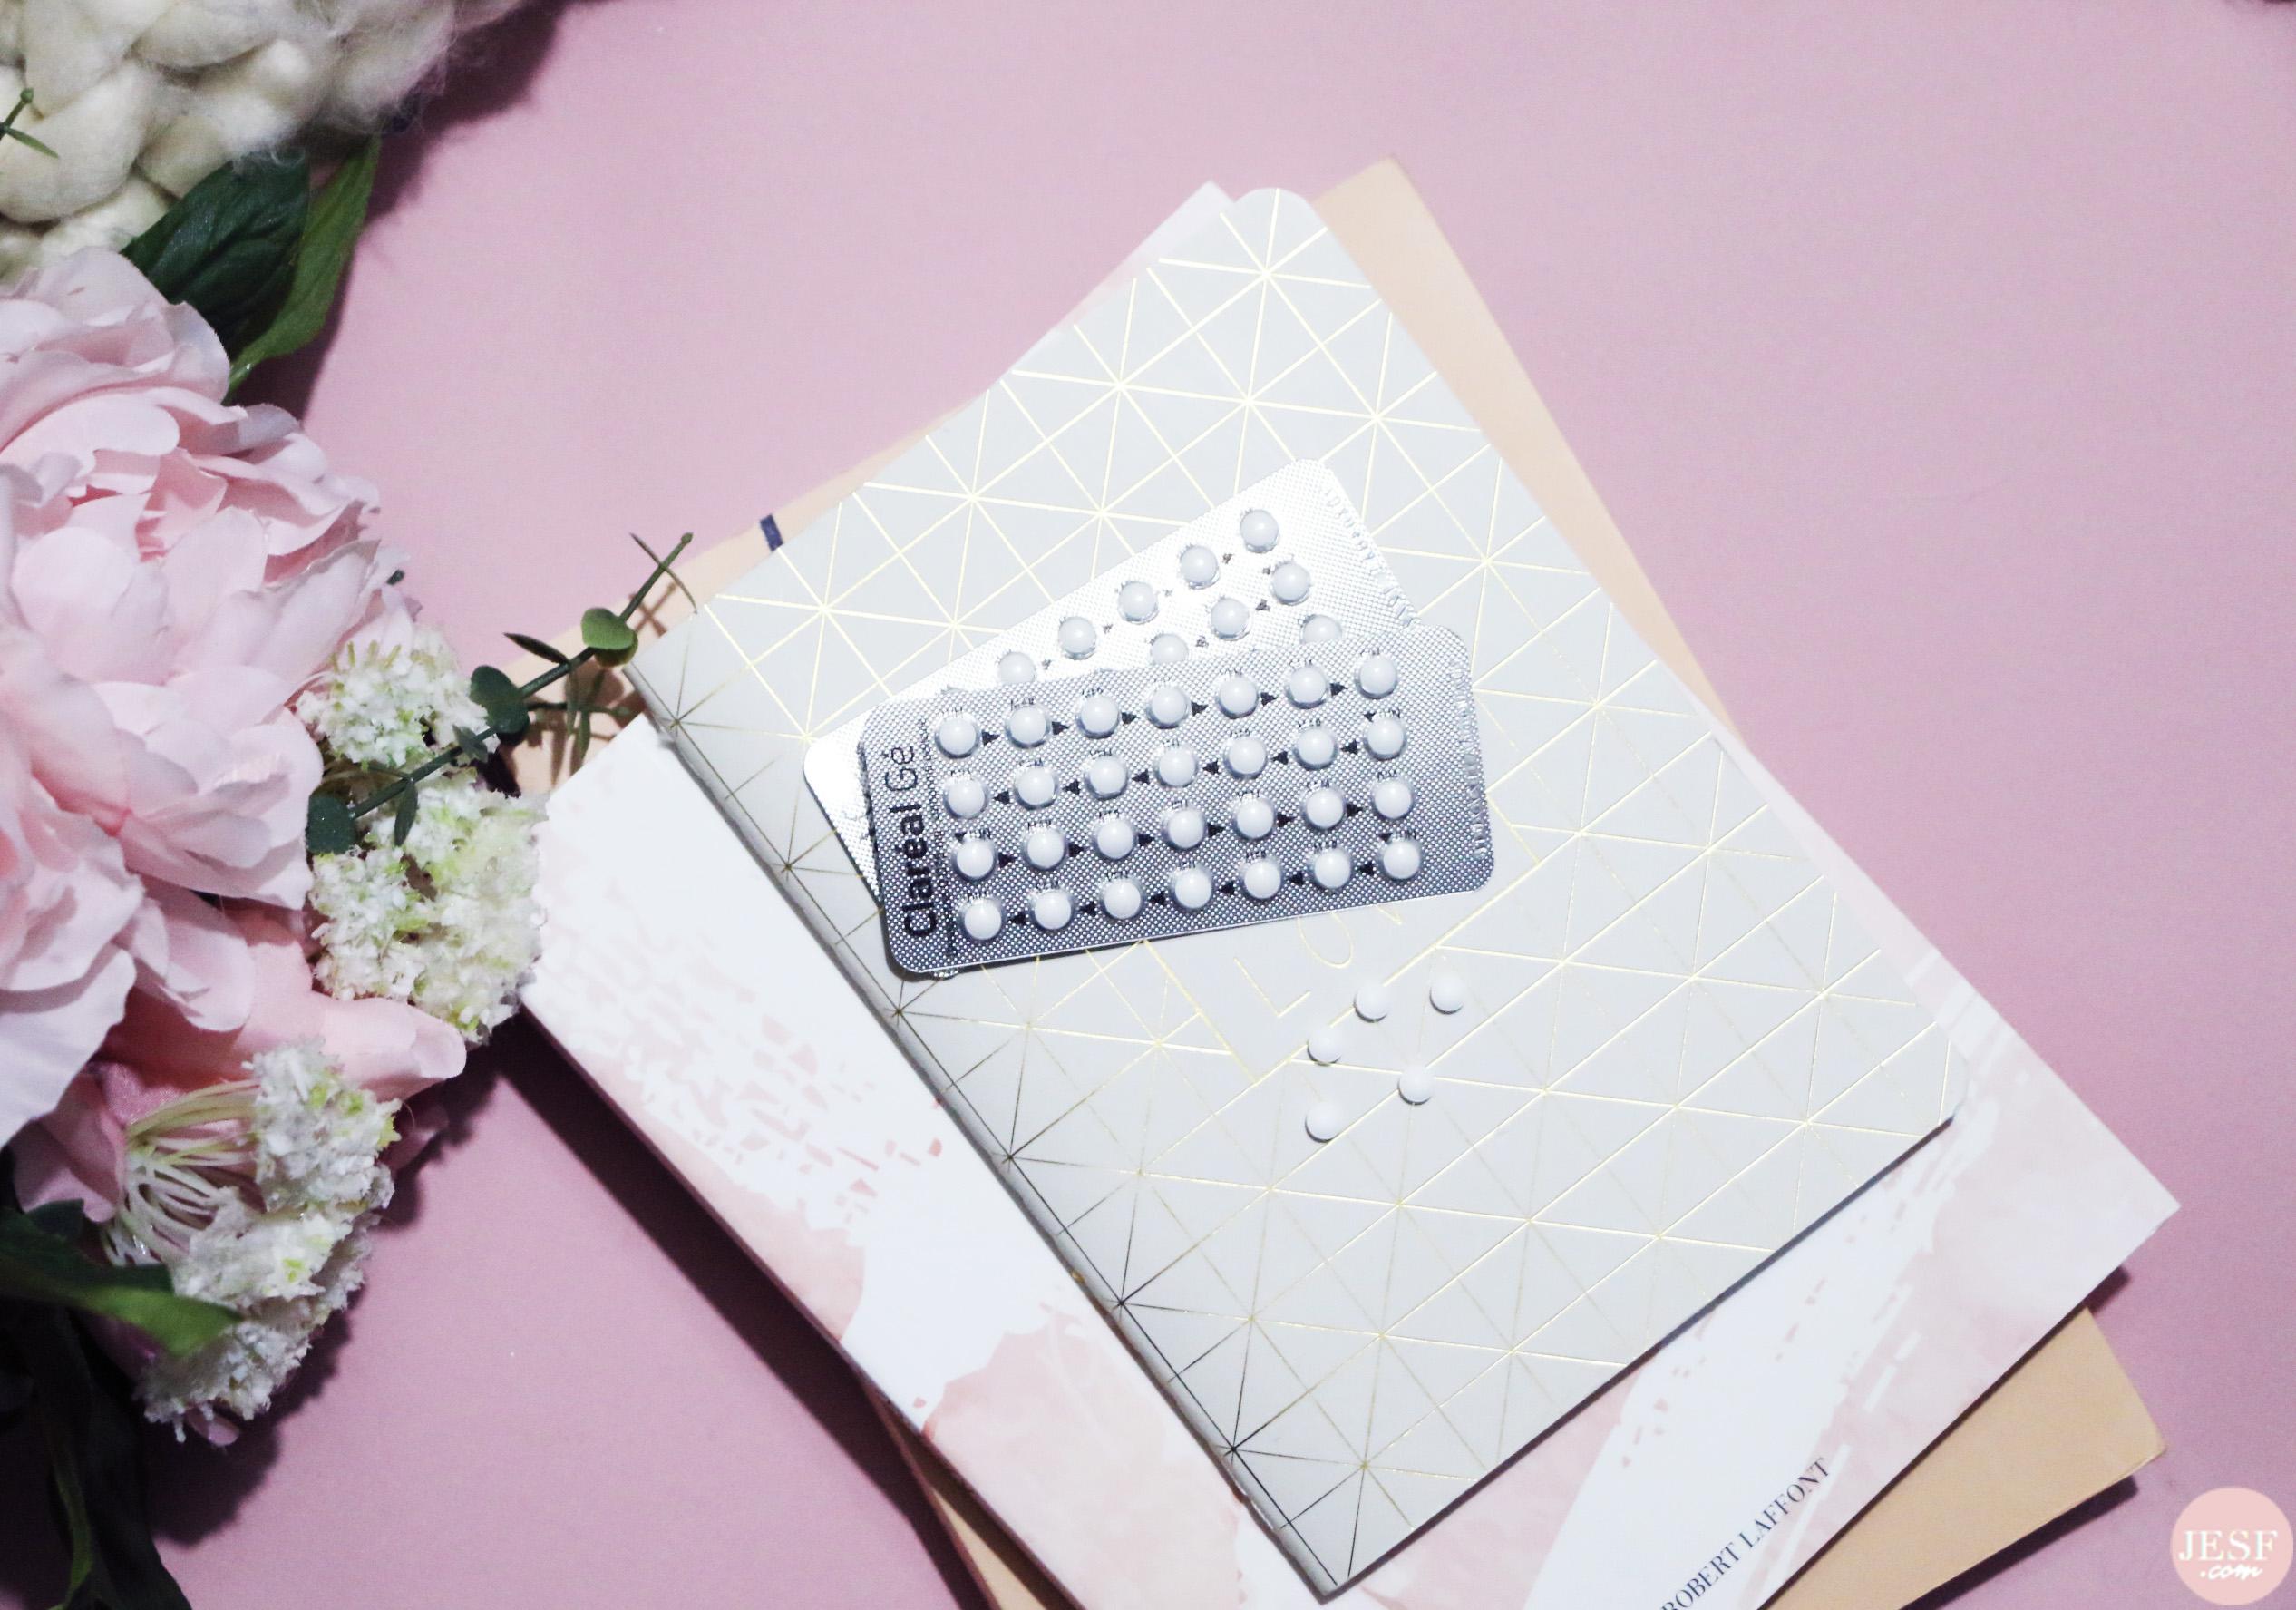 pilule-quel-mode-contraceptif-aide-conseils-stérilet-sans-hormones